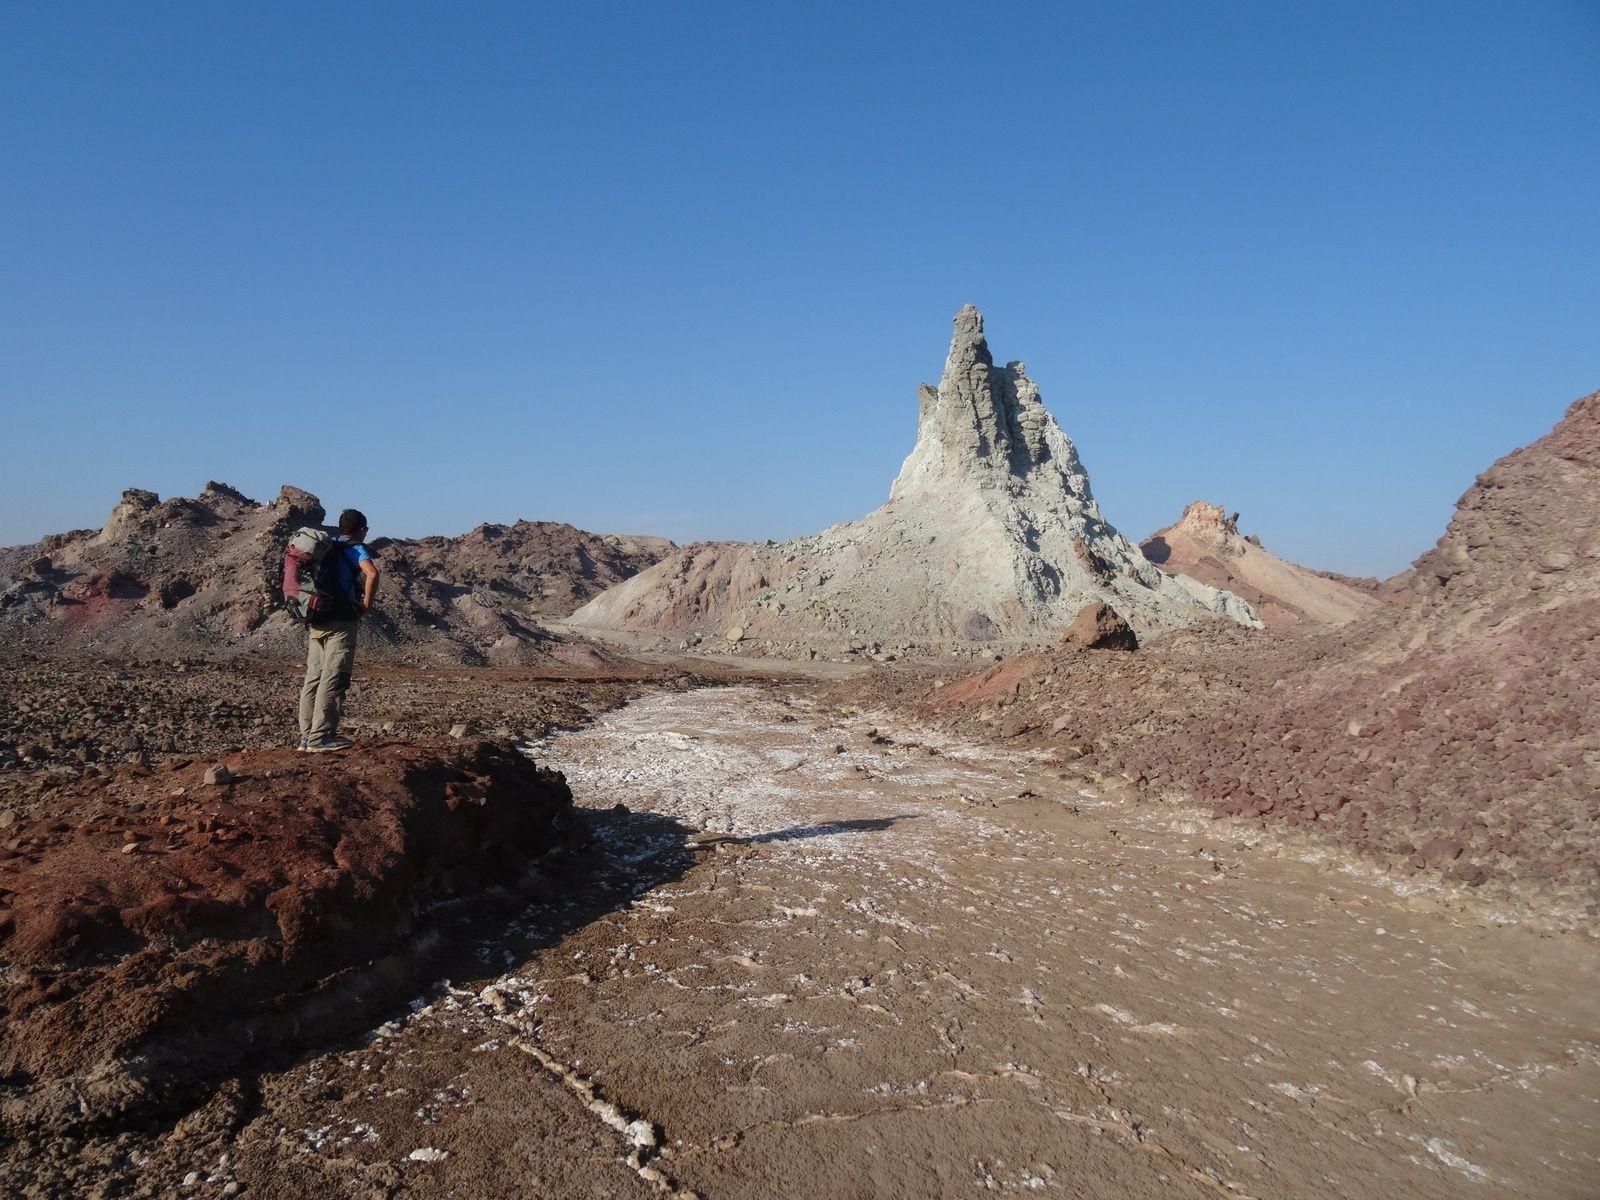 Islande ou Planète Mars dans le Golfe Persique ?